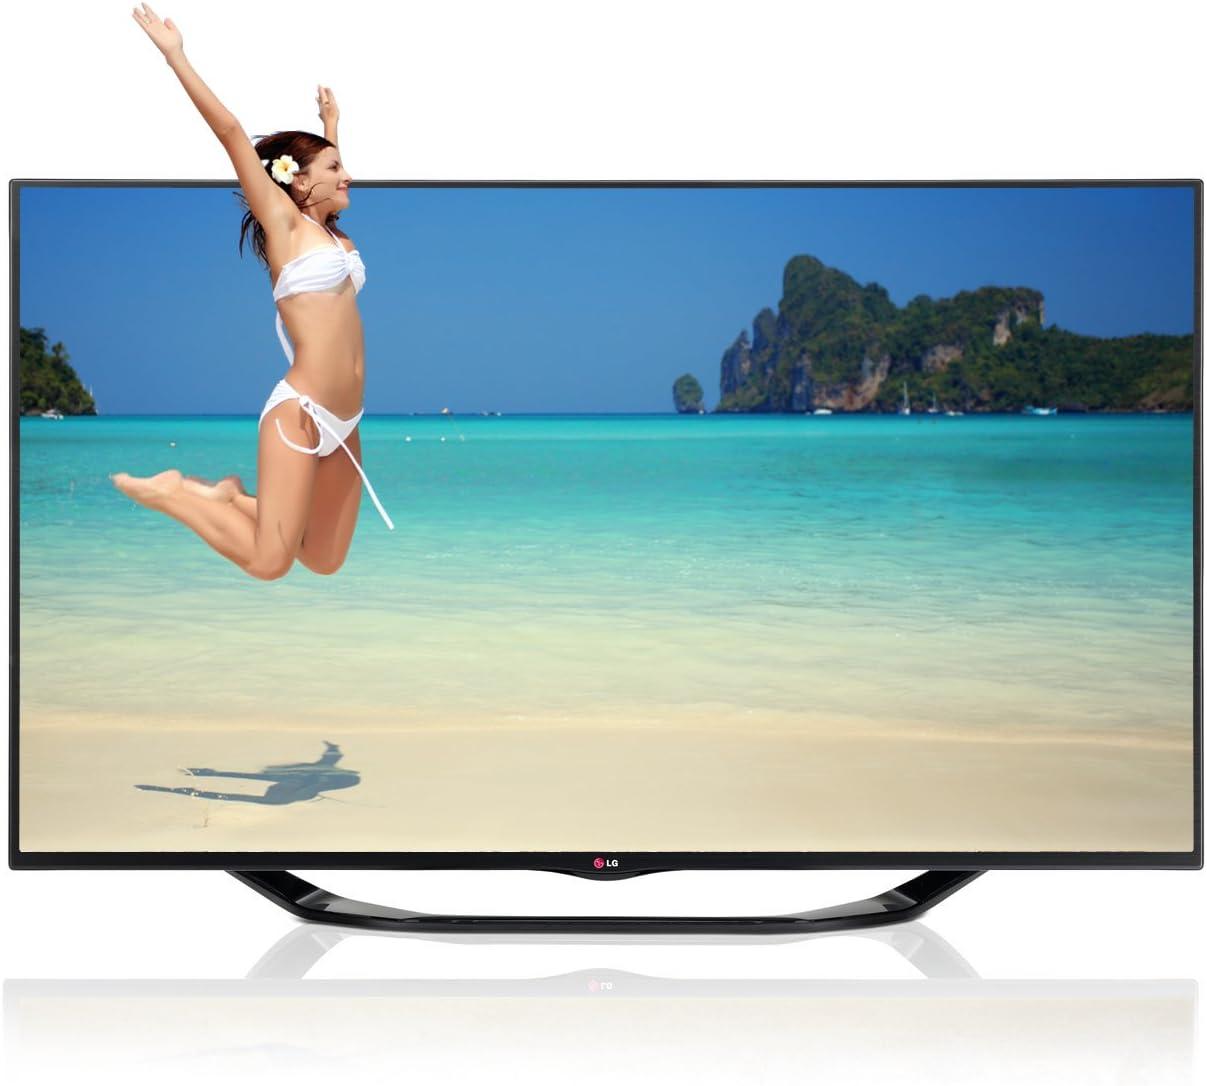 LG 60LA7408 152 cm (60 Pulgadas) Cinema 3D – Televisor con ...